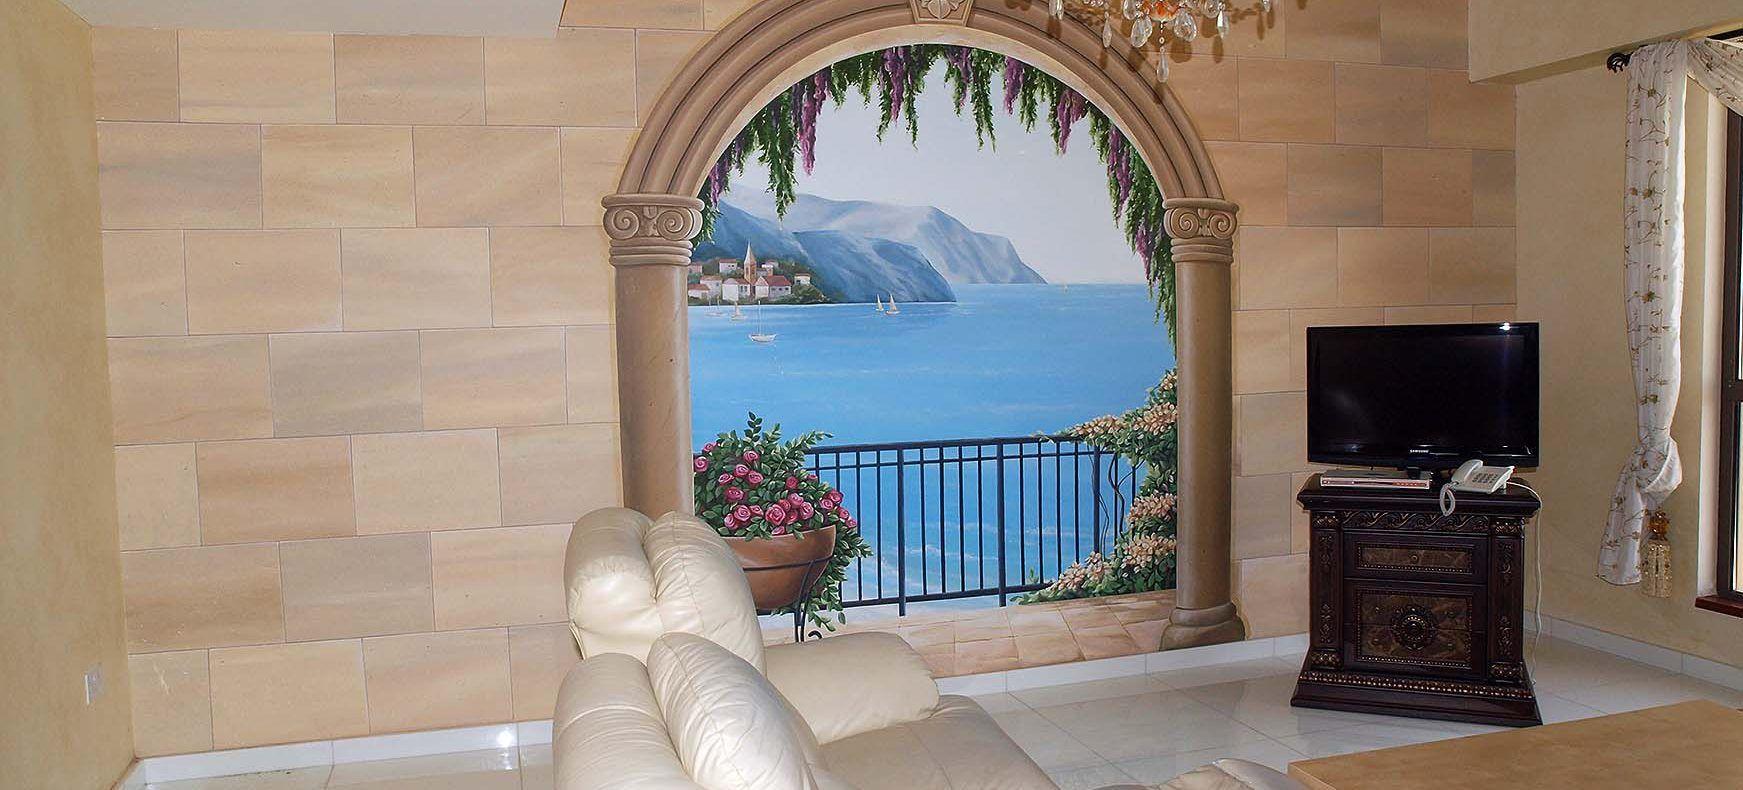 Квартиры fairmont dubai сколько стоит в дубае квартира на месяц